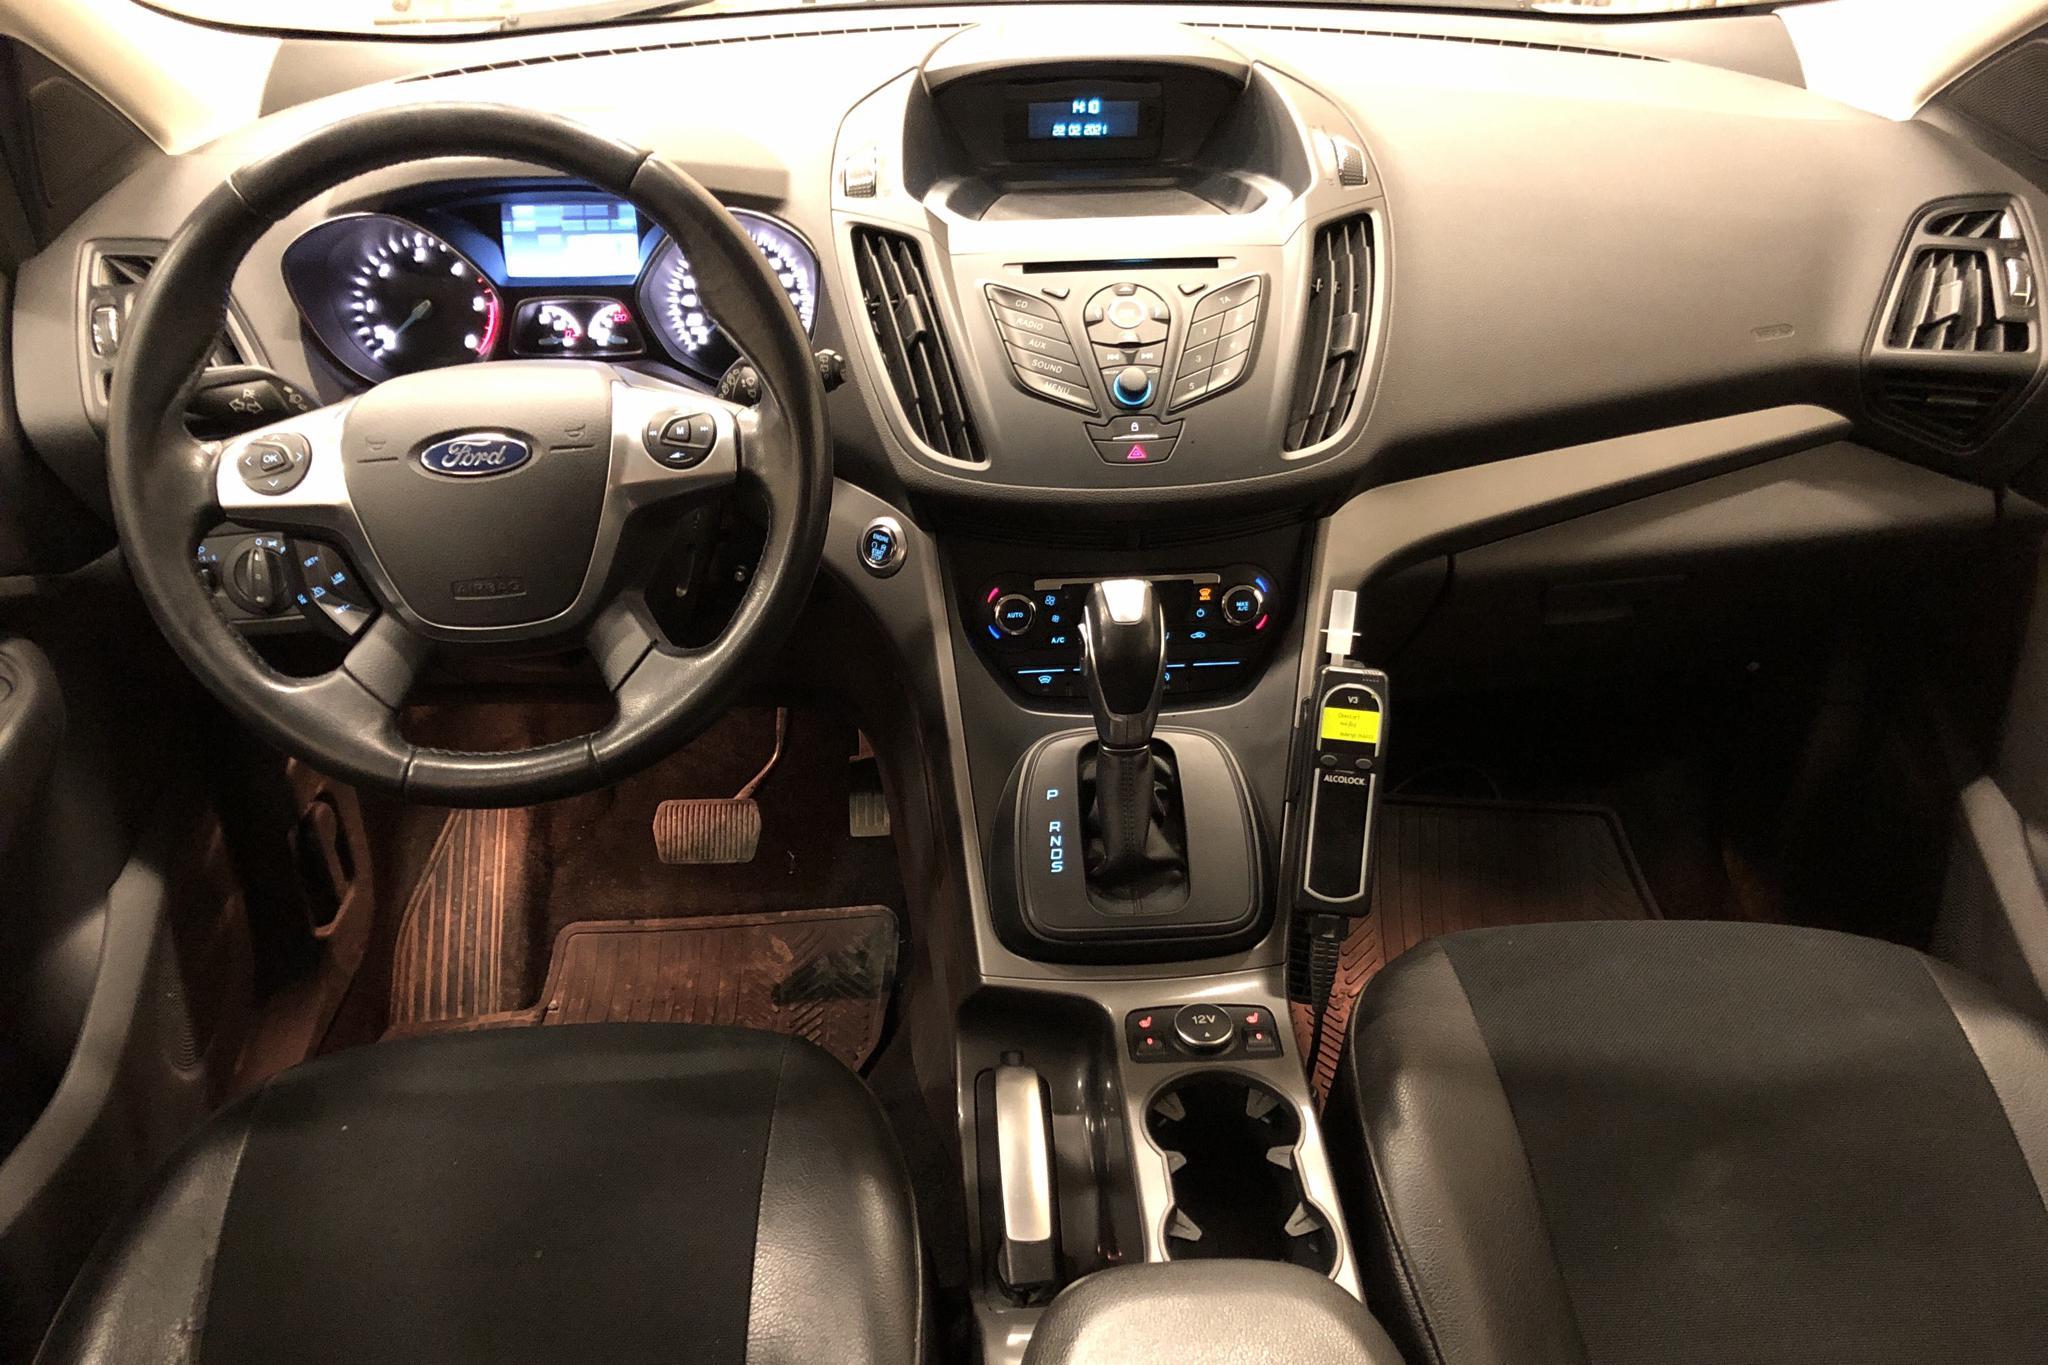 Ford Kuga 2.0 TDCi AWD (150hk) - 78 710 km - Automatic - white - 2015